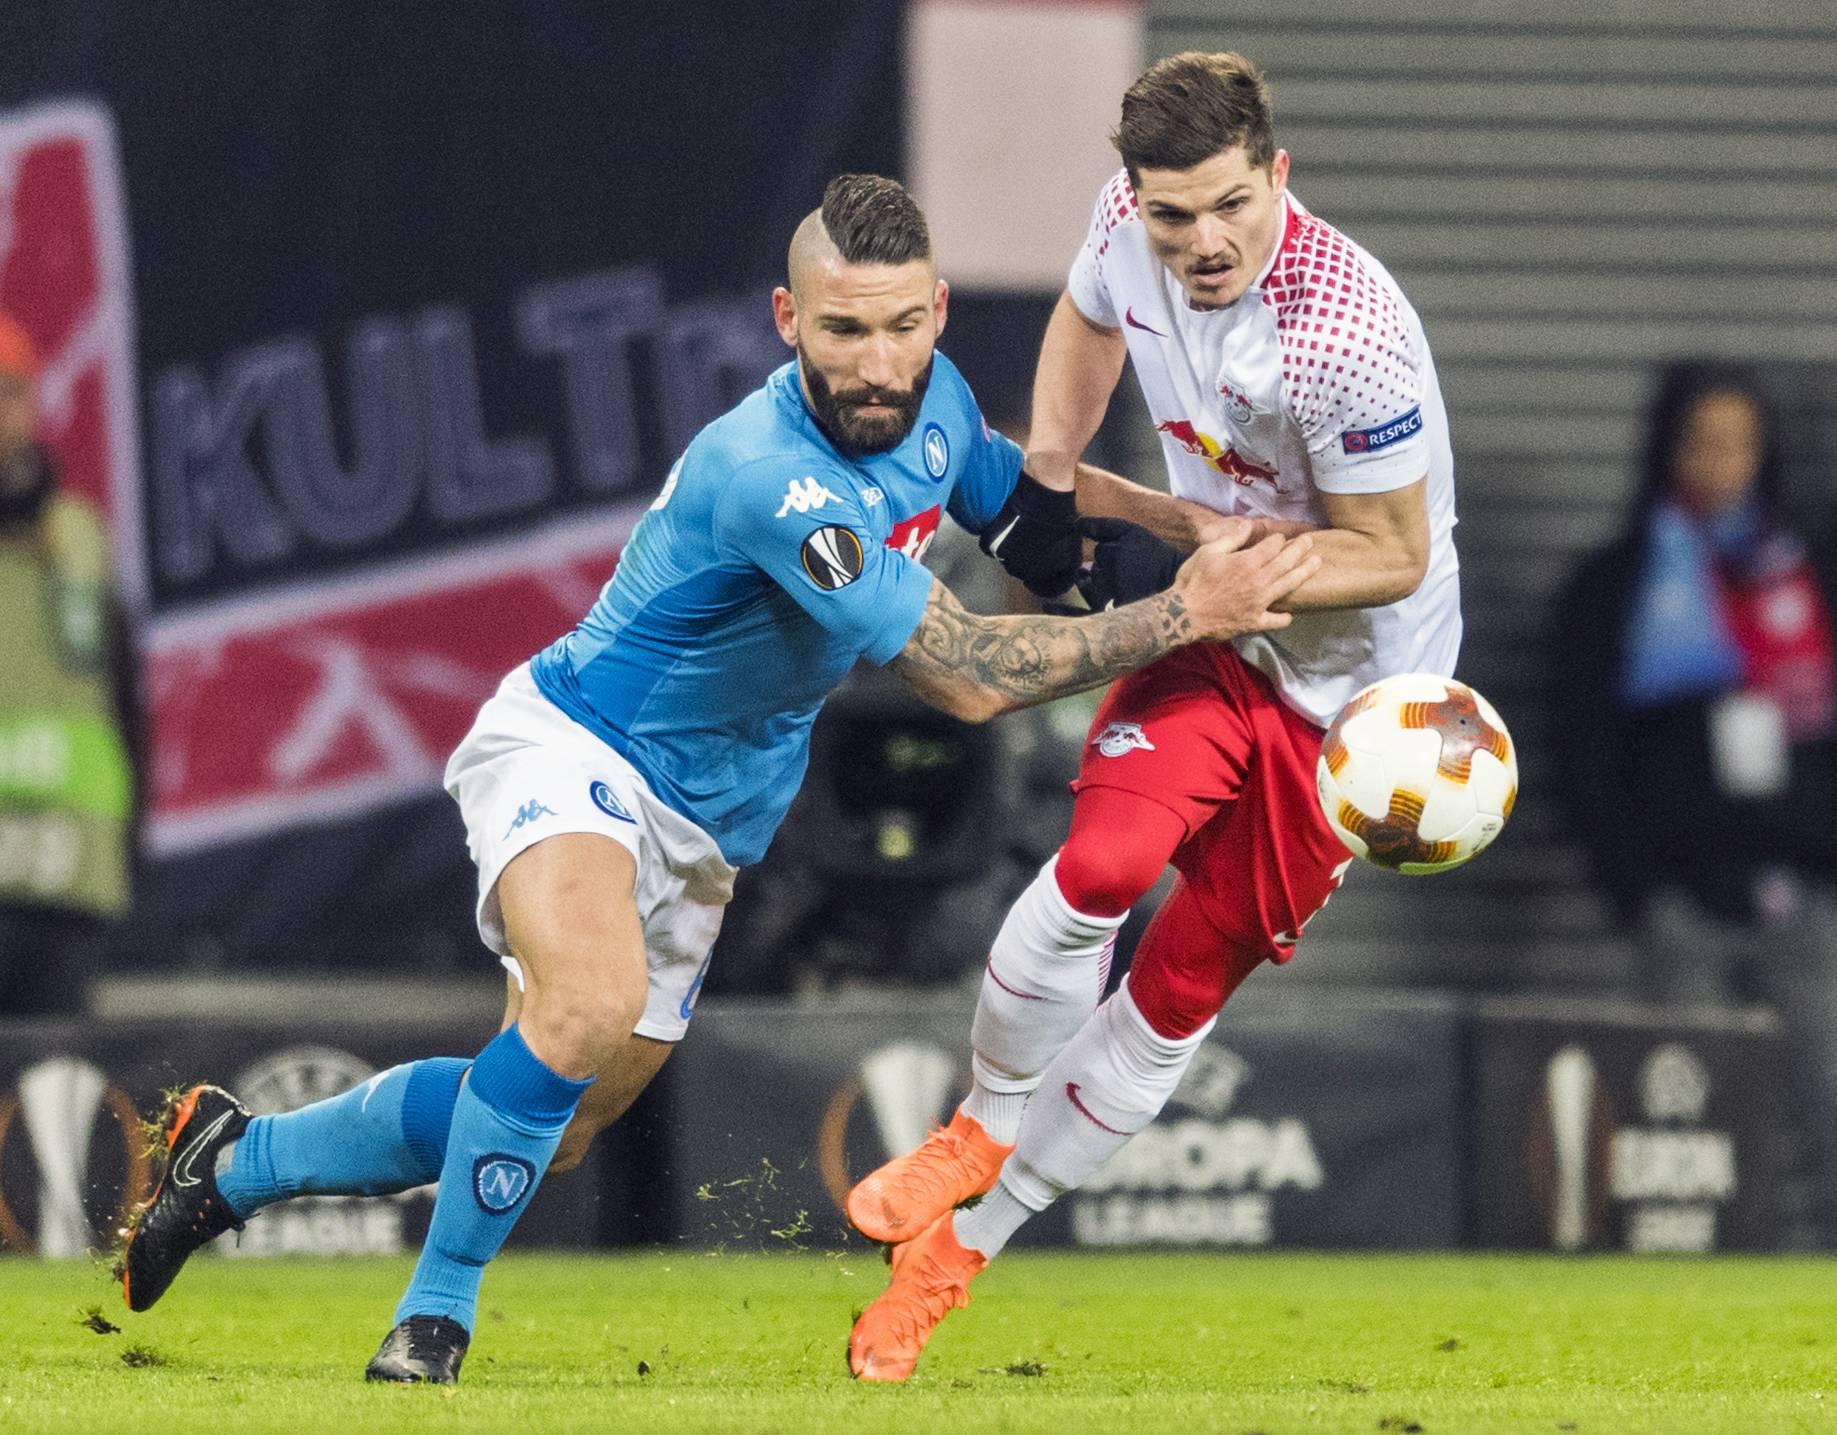 Tonelli Difensore Napoli